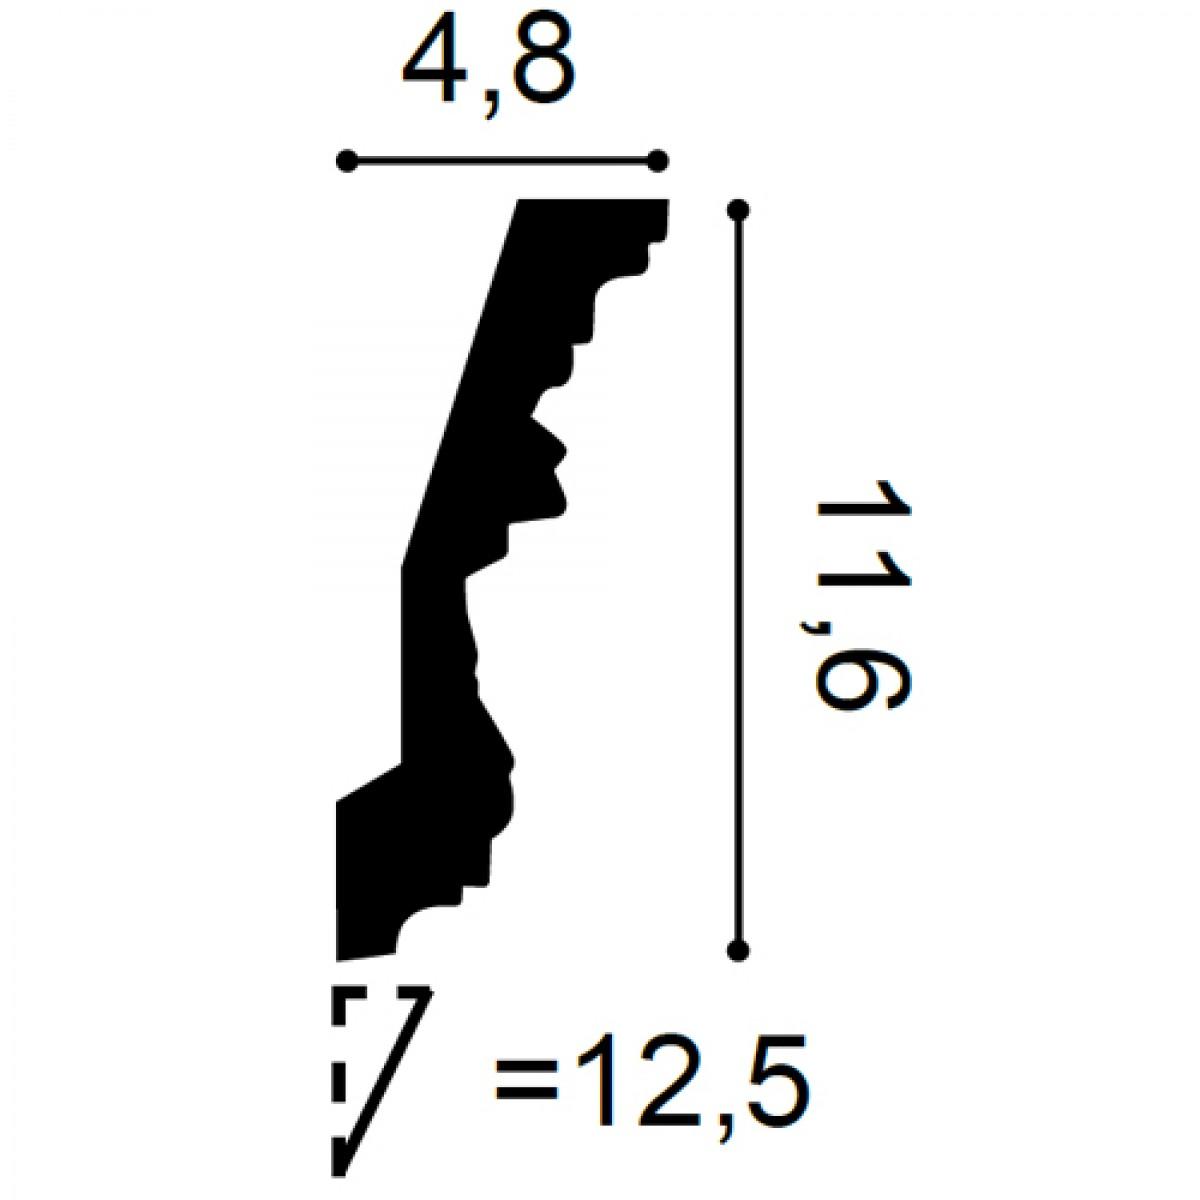 Cornisa Luxxus C201, Dimensiuni: 200 X 11.6 X 4.8 cm, Orac Decor